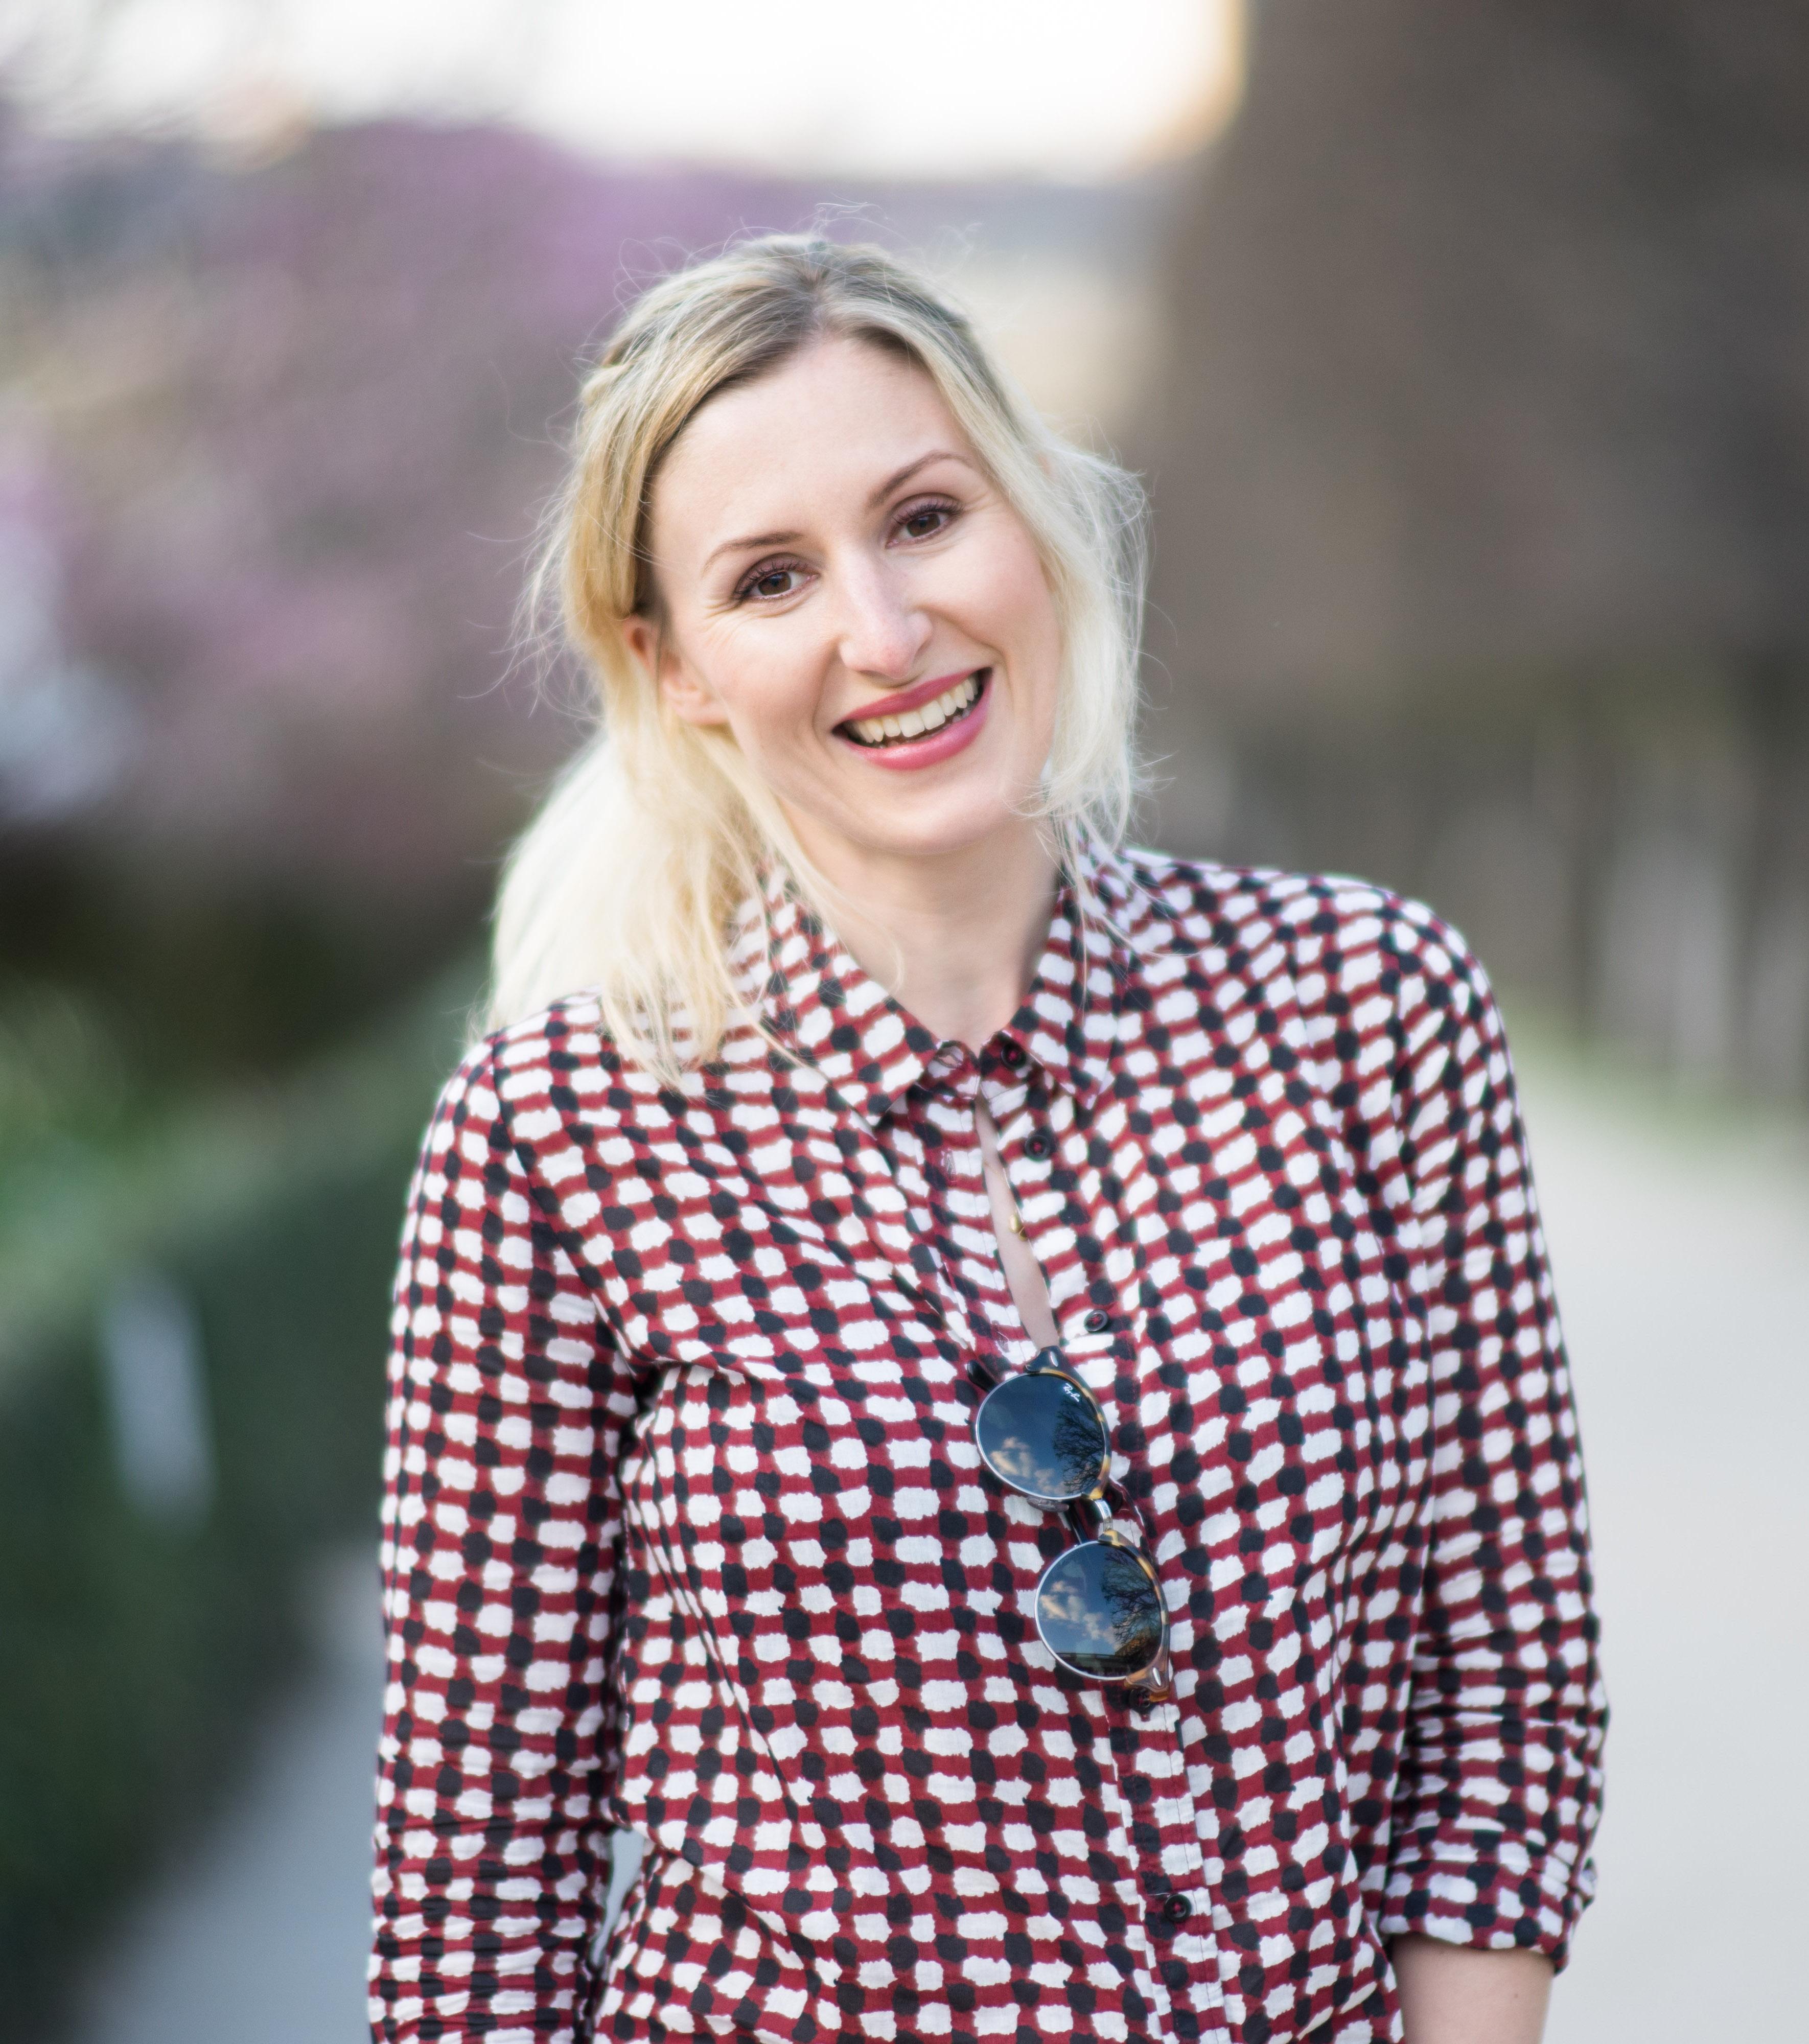 Profilbild Denise